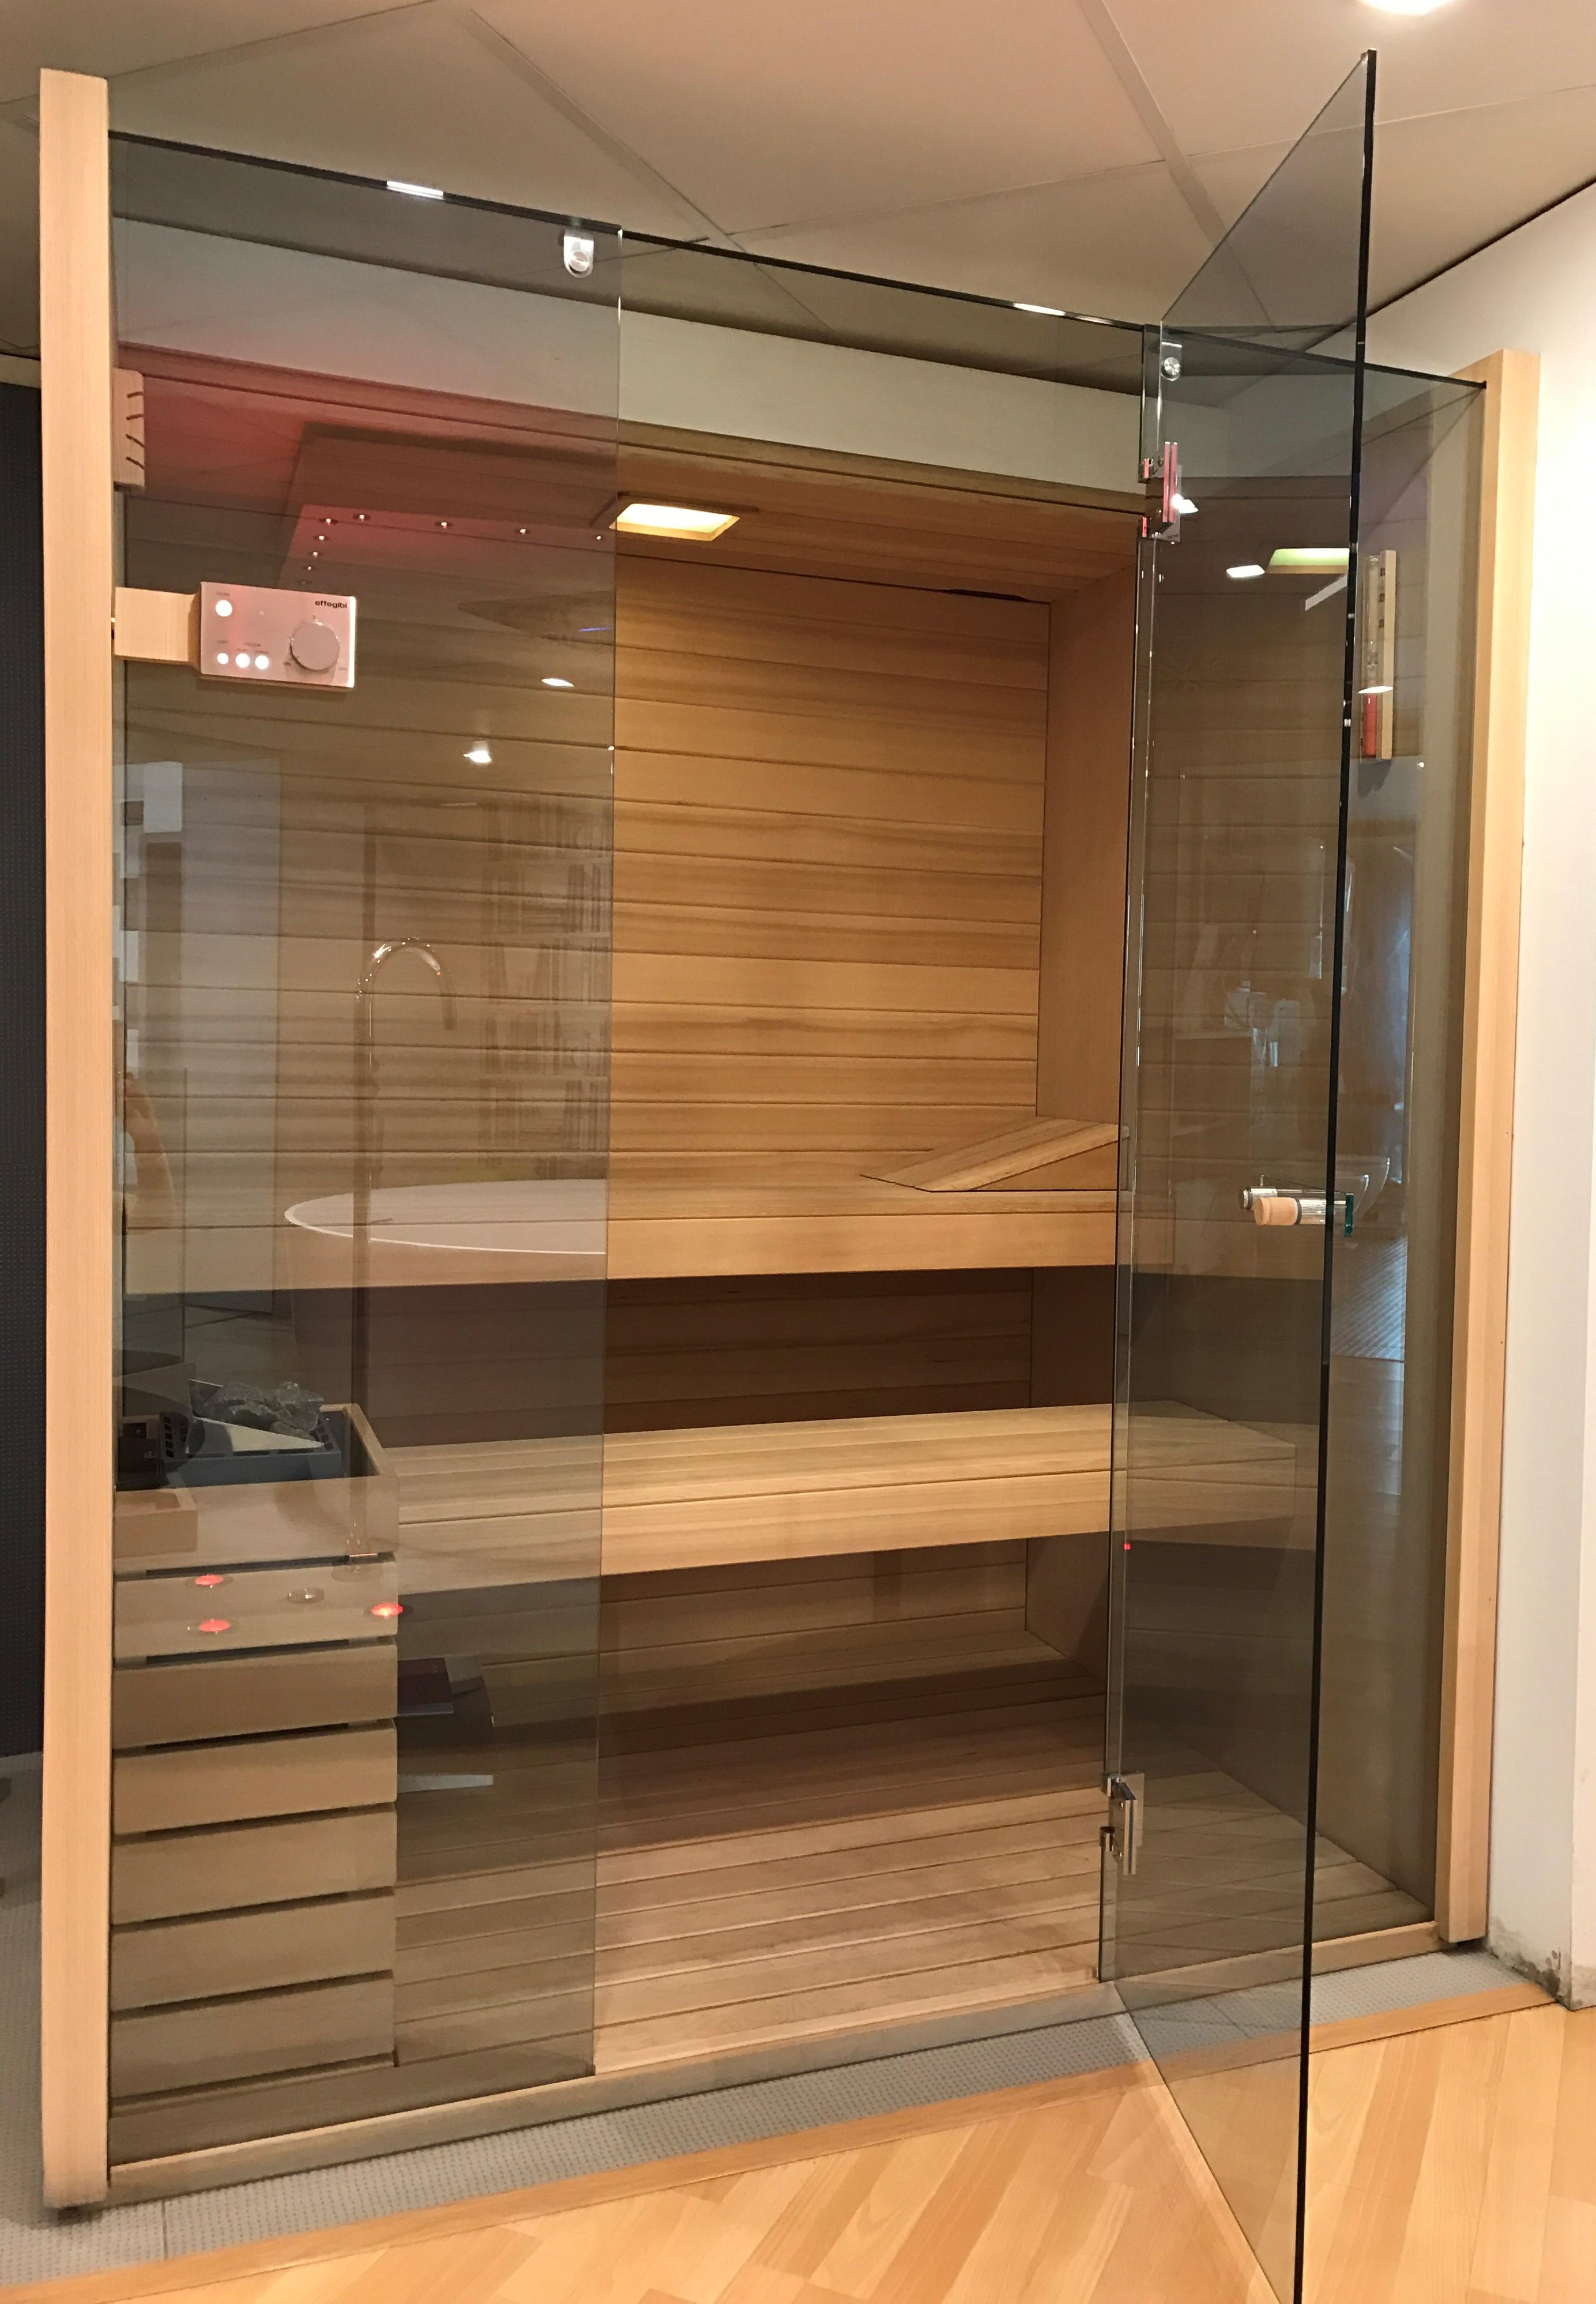 Cabina sauna prezzi - Sauna per casa prezzi ...